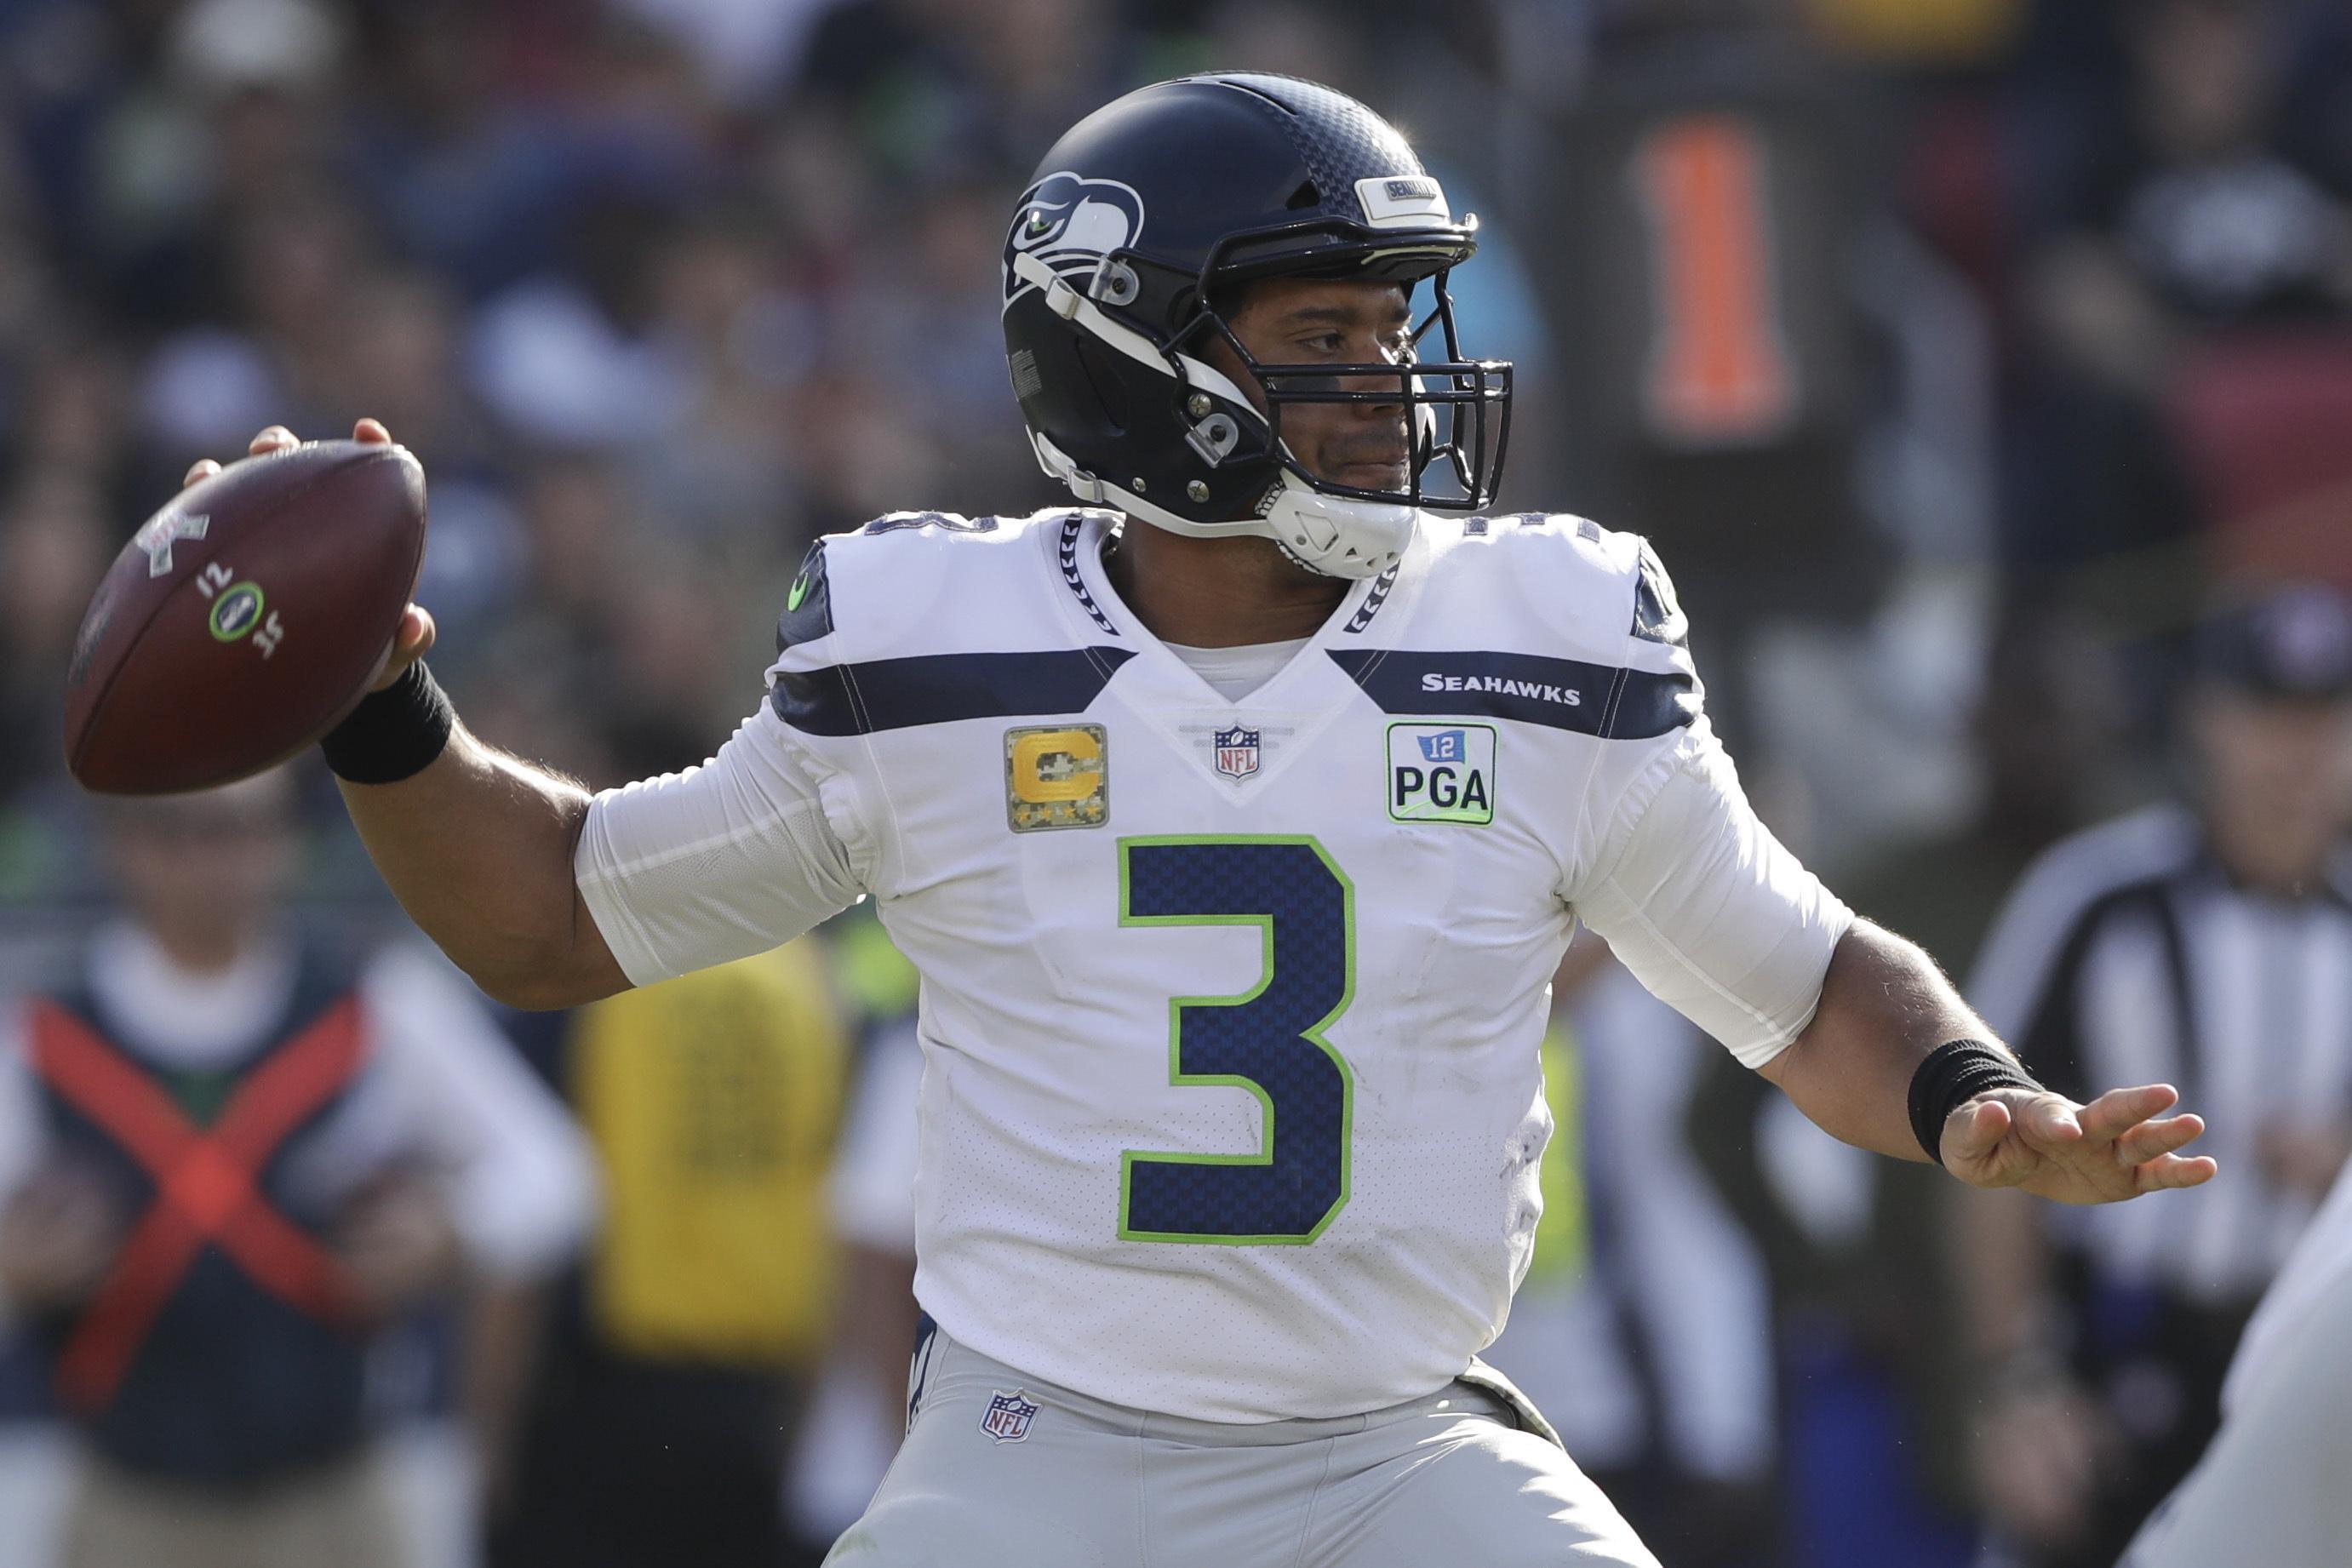 meet 7a626 4d2d3 Matt Calkins: Seahawks received $140 million bargain in ...